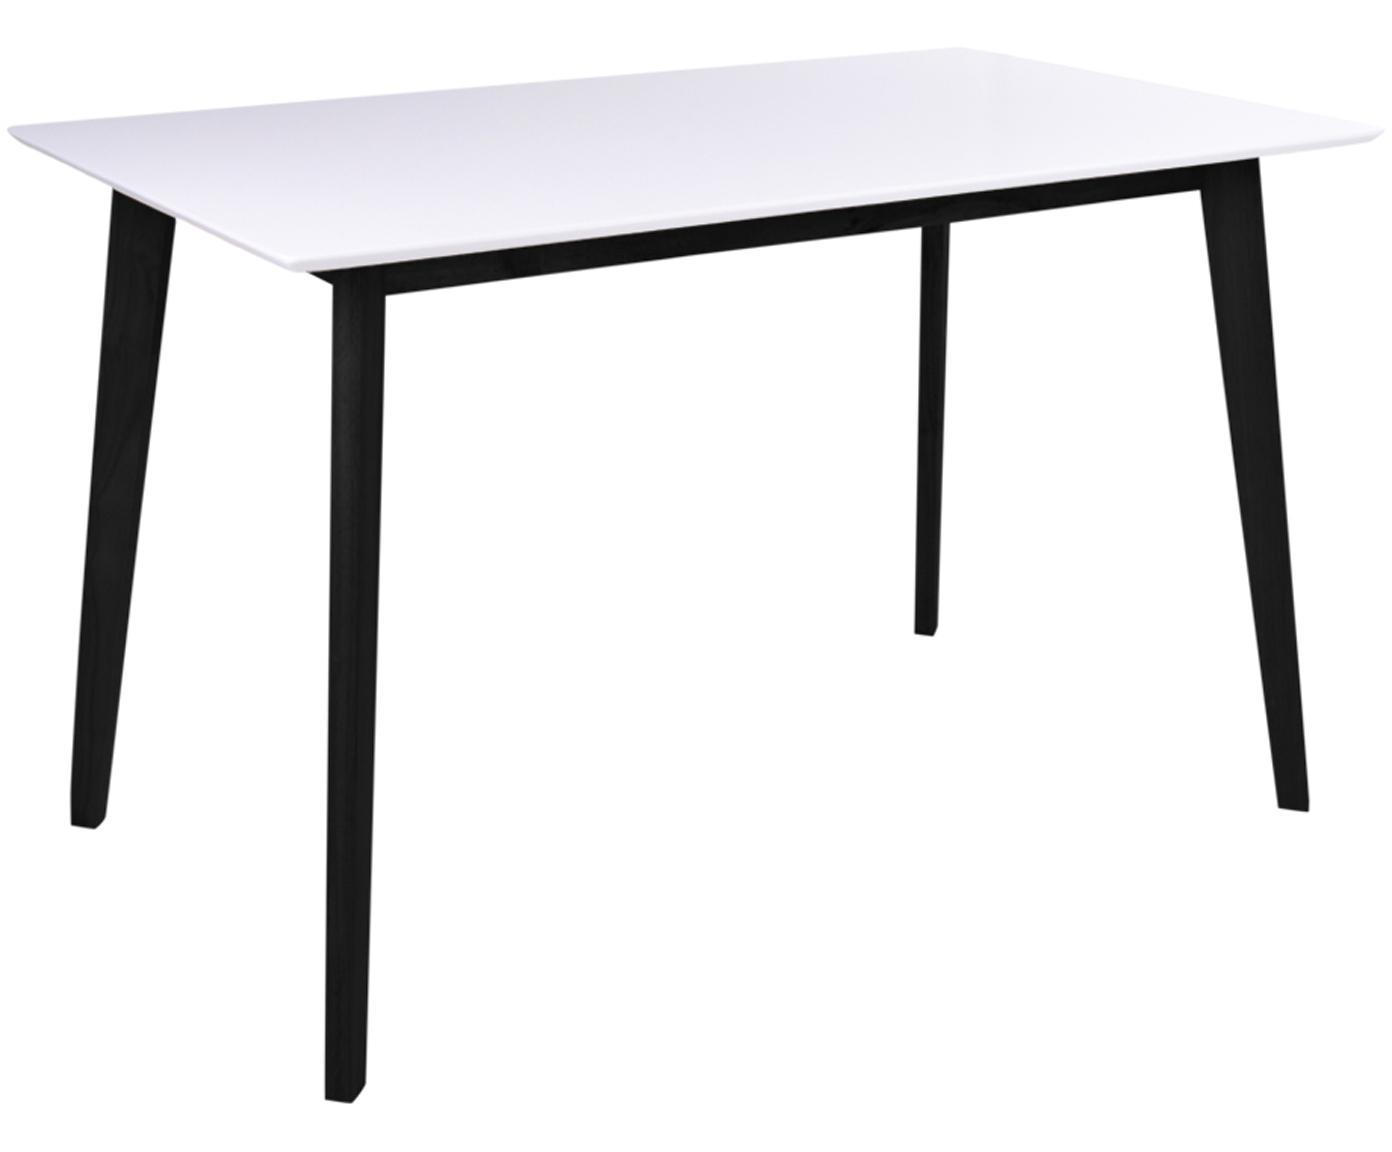 Stół do jadalni z jasnym blatem Vojens, Blat: płyta pilśniowa średniej , Nogi: drewno kauczukowe, Biały, czarny, S 120 x G 70 cm